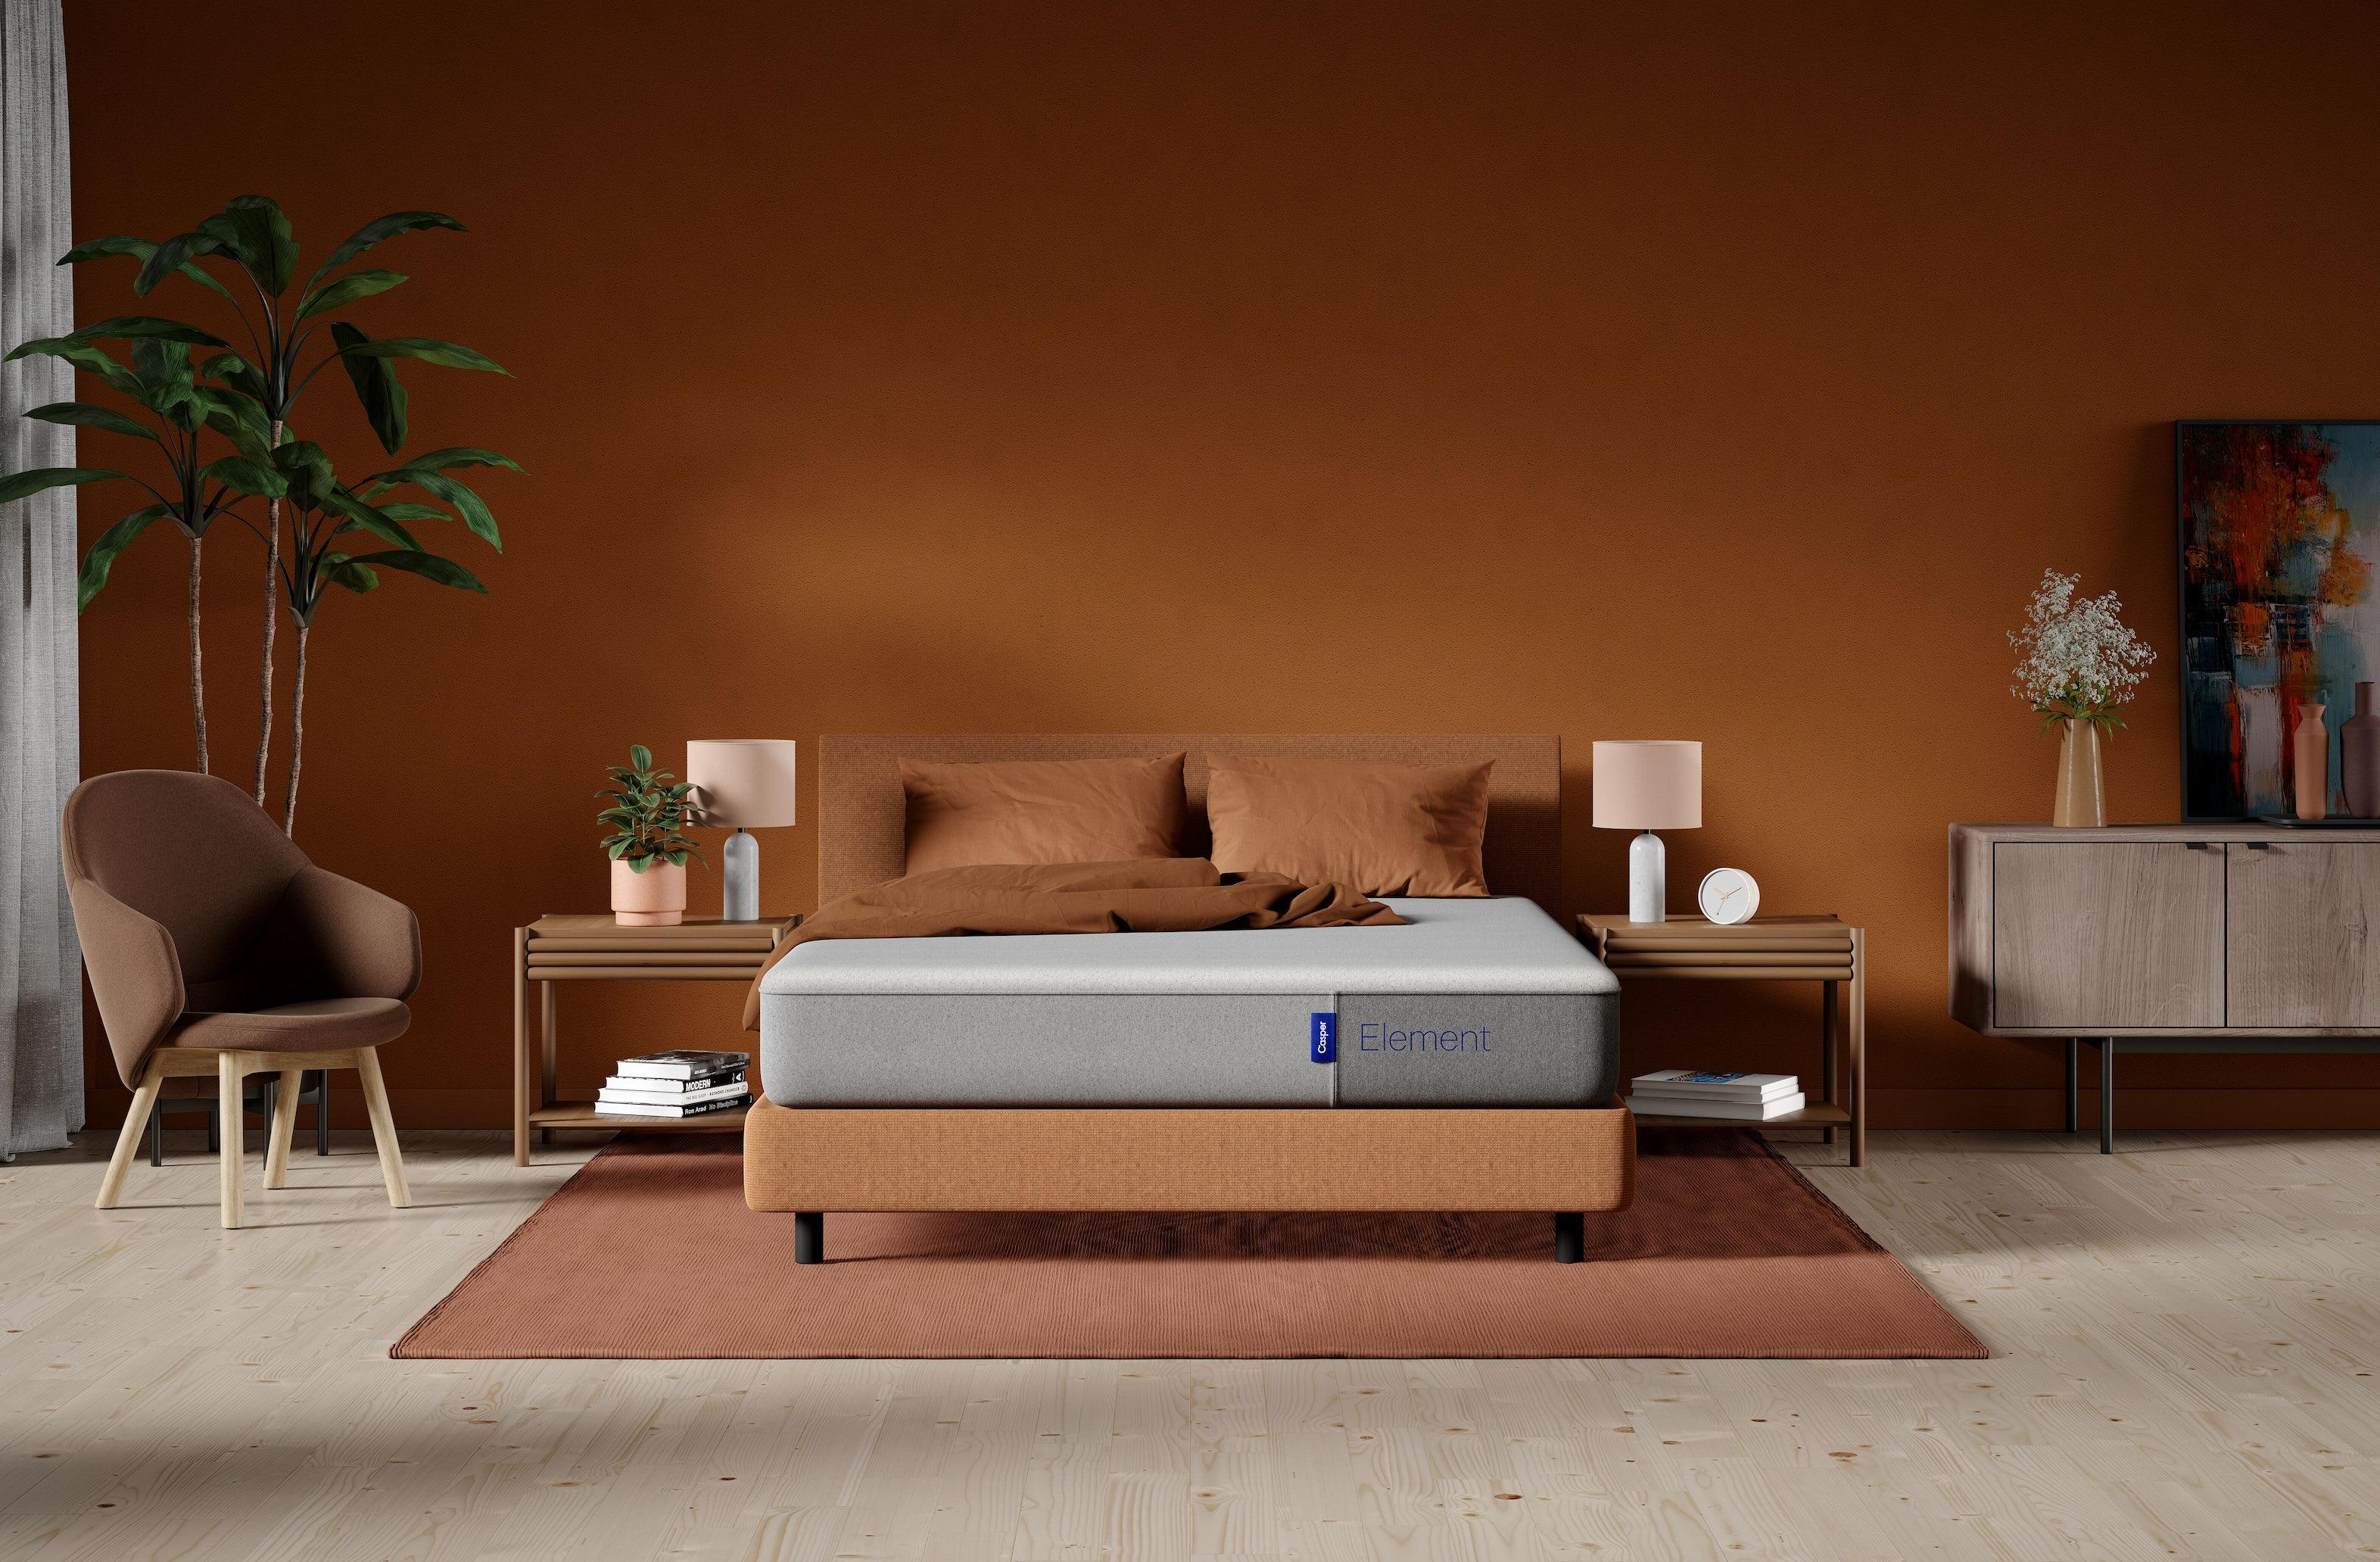 The Element mattress